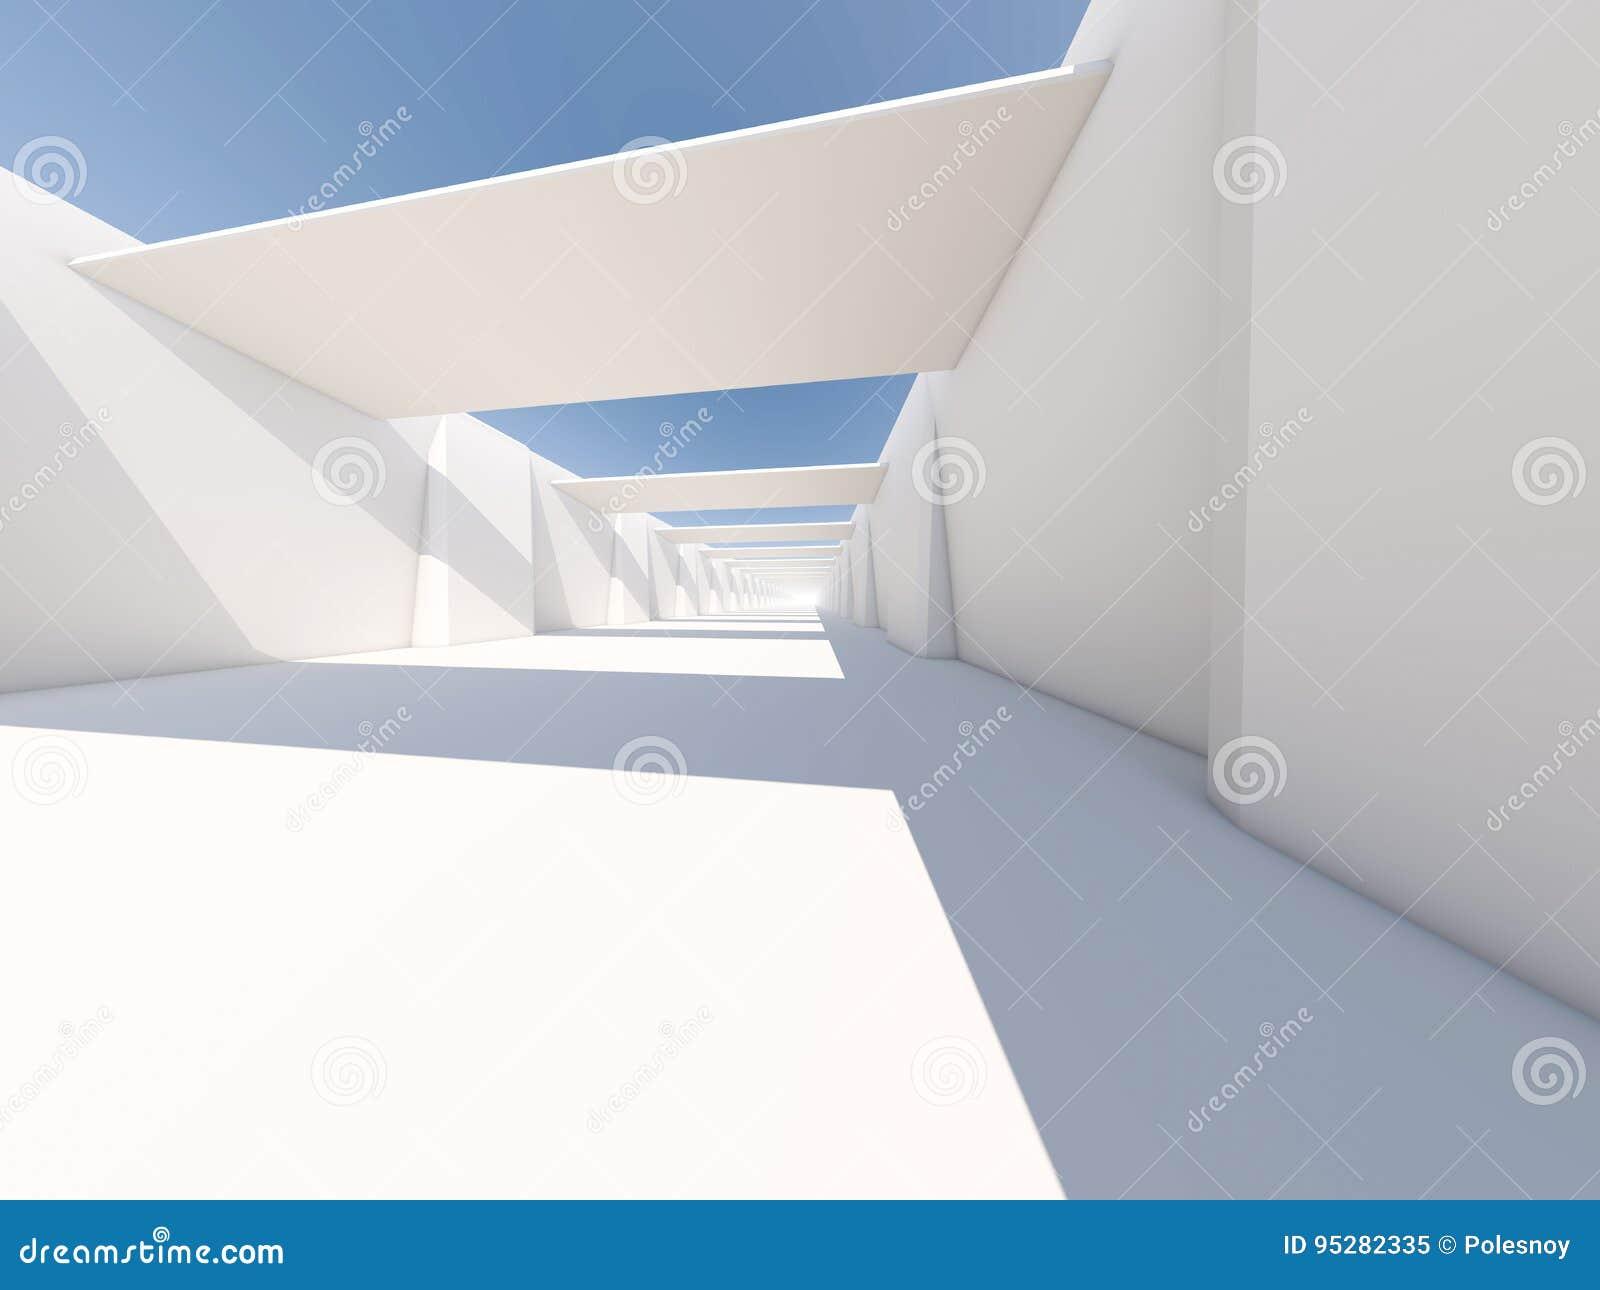 抽象现代建筑学背景,空的白色露天场所